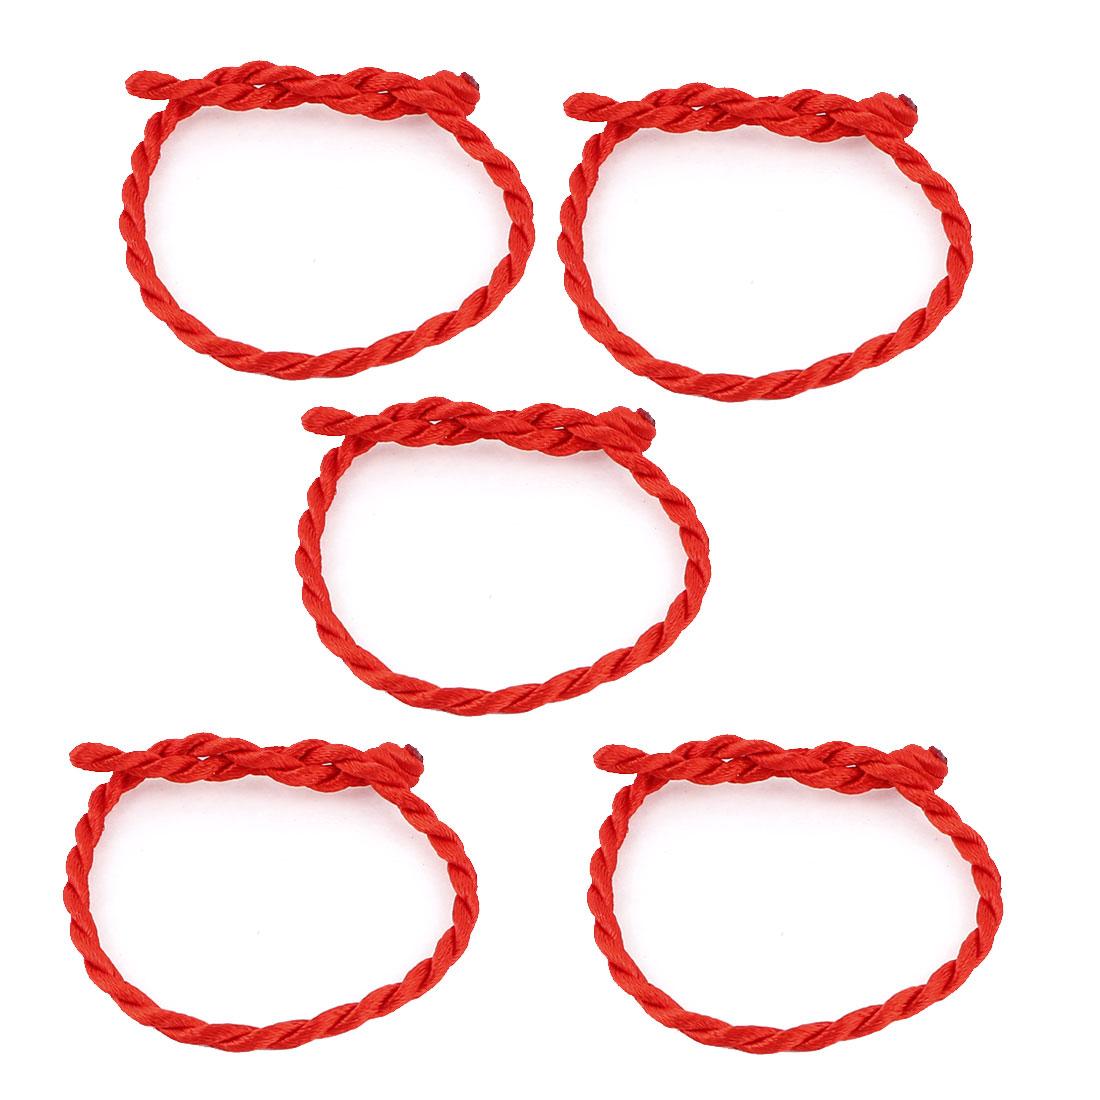 Red Nylon String Handmade Lucky Braid Bracelet 5 Pcs